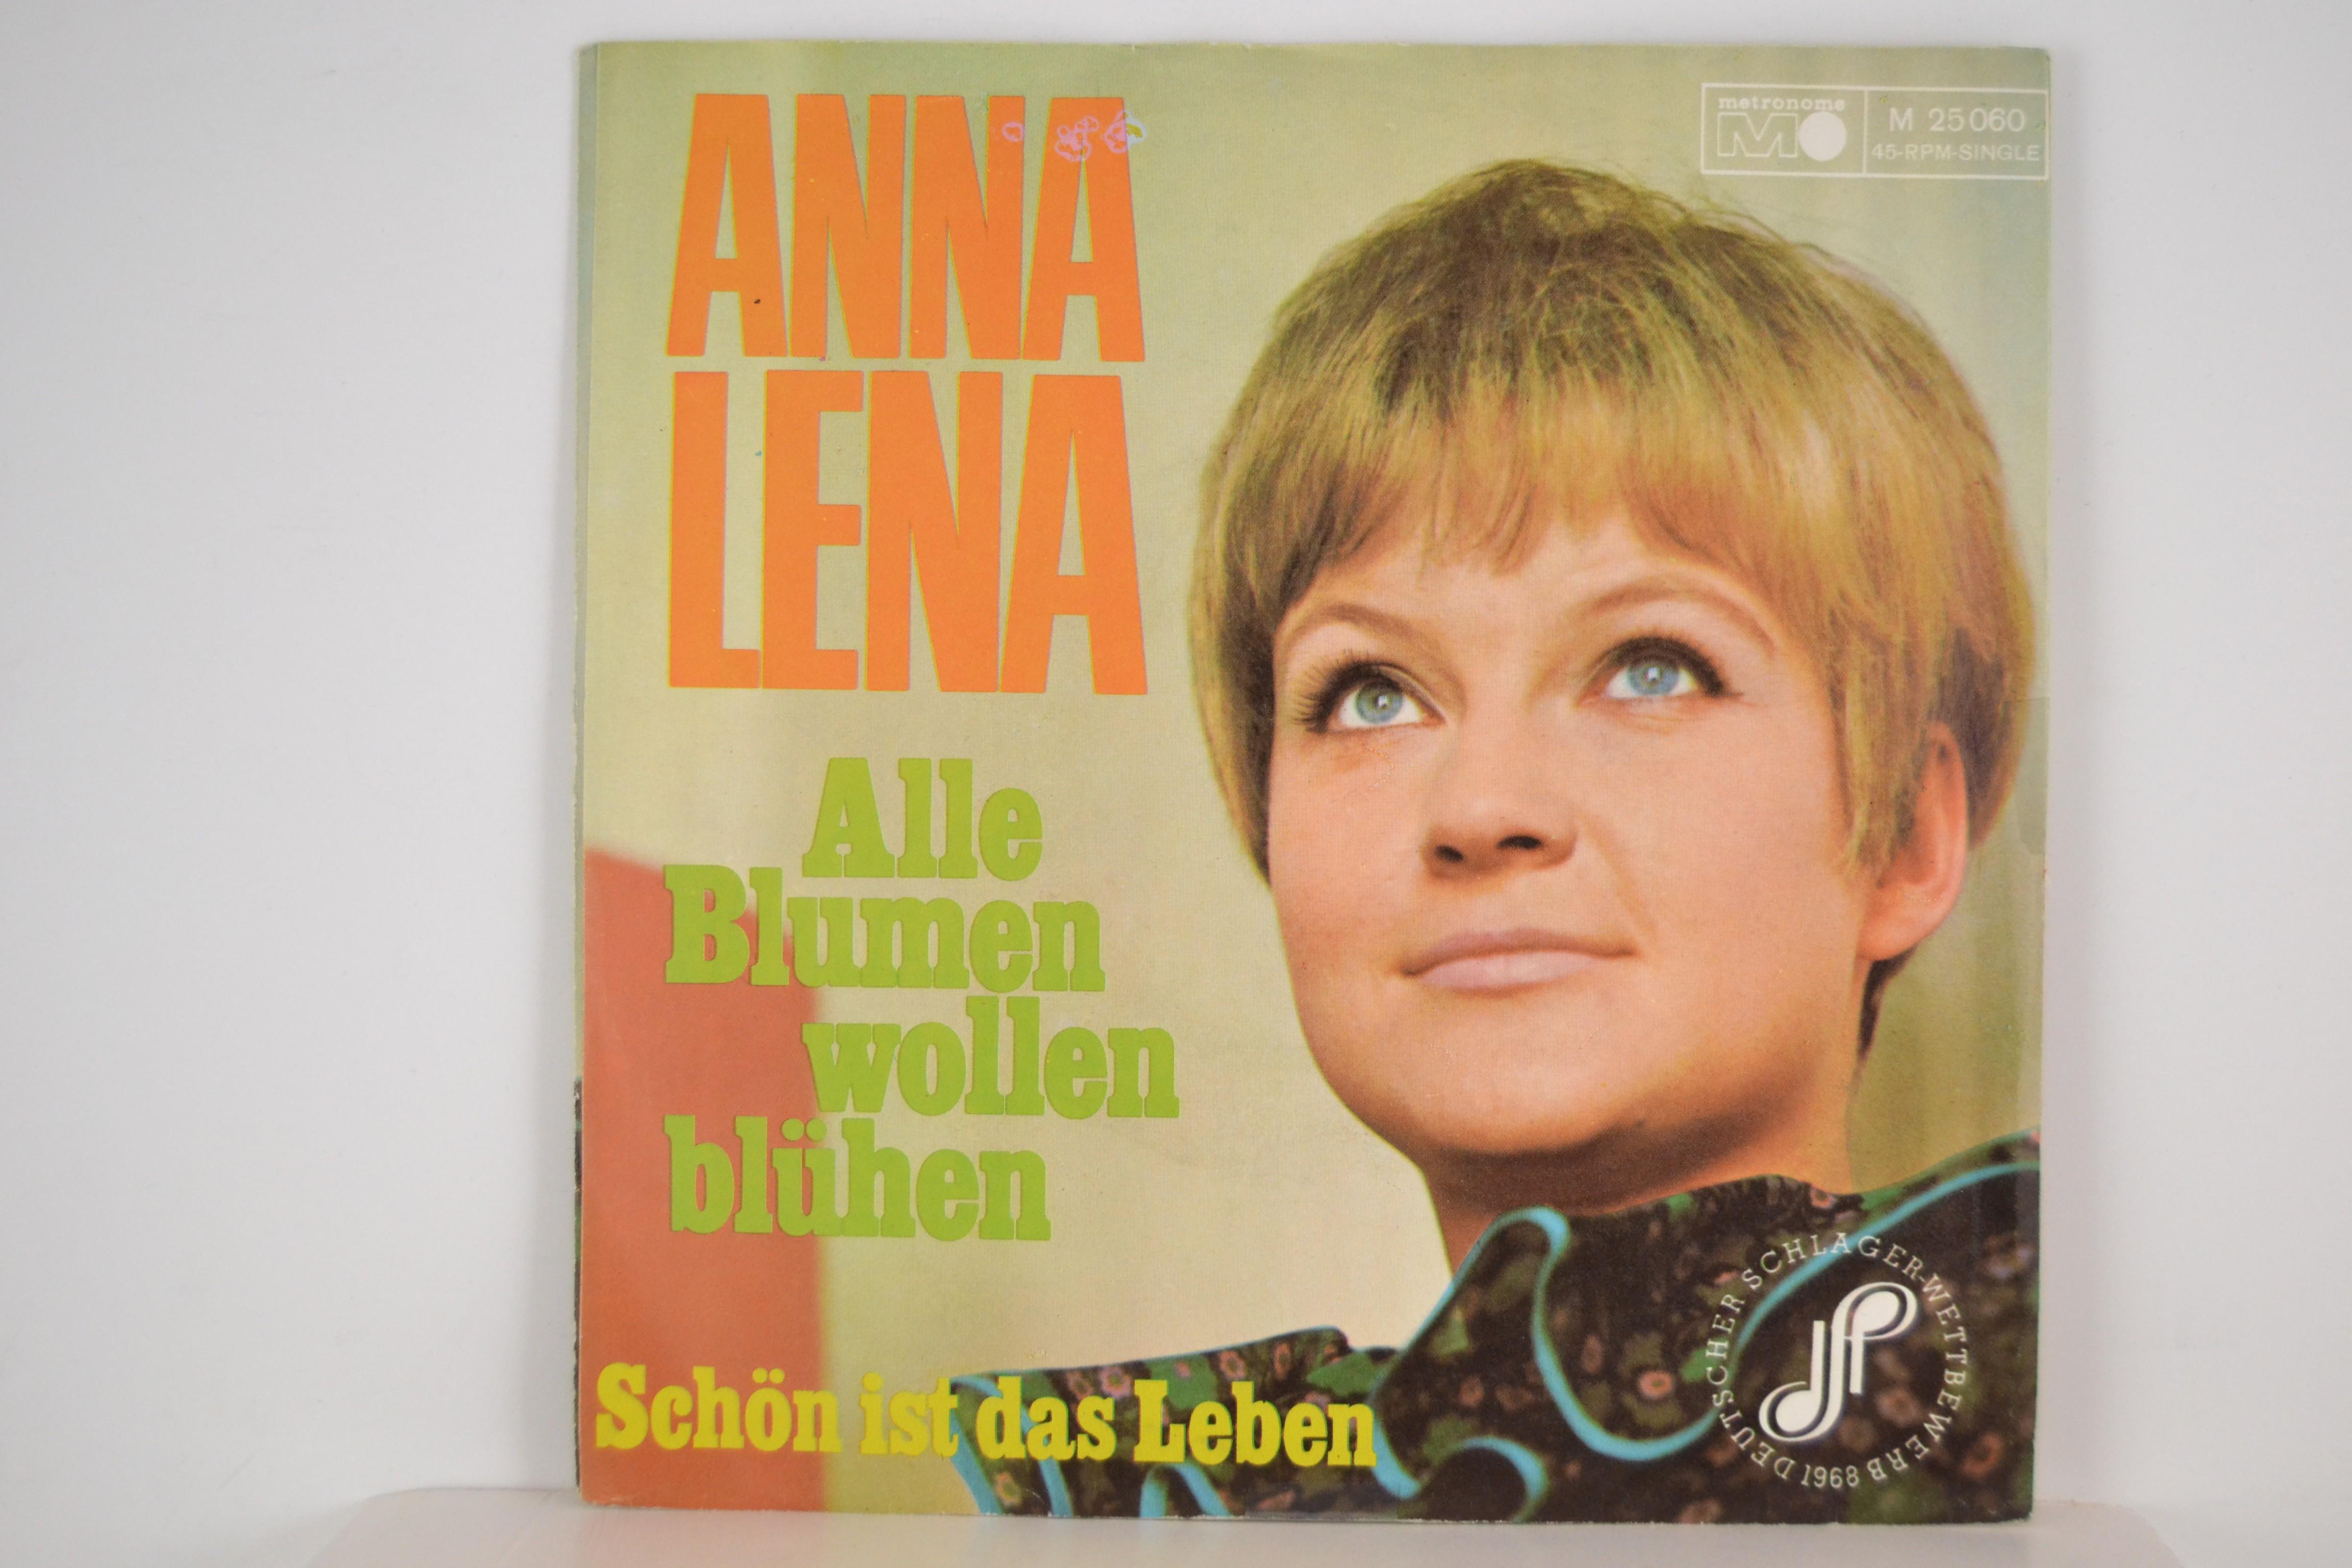 ANNA-LENA LÖFGREN : Alle blumen wollen blühen / Schön ist das leben